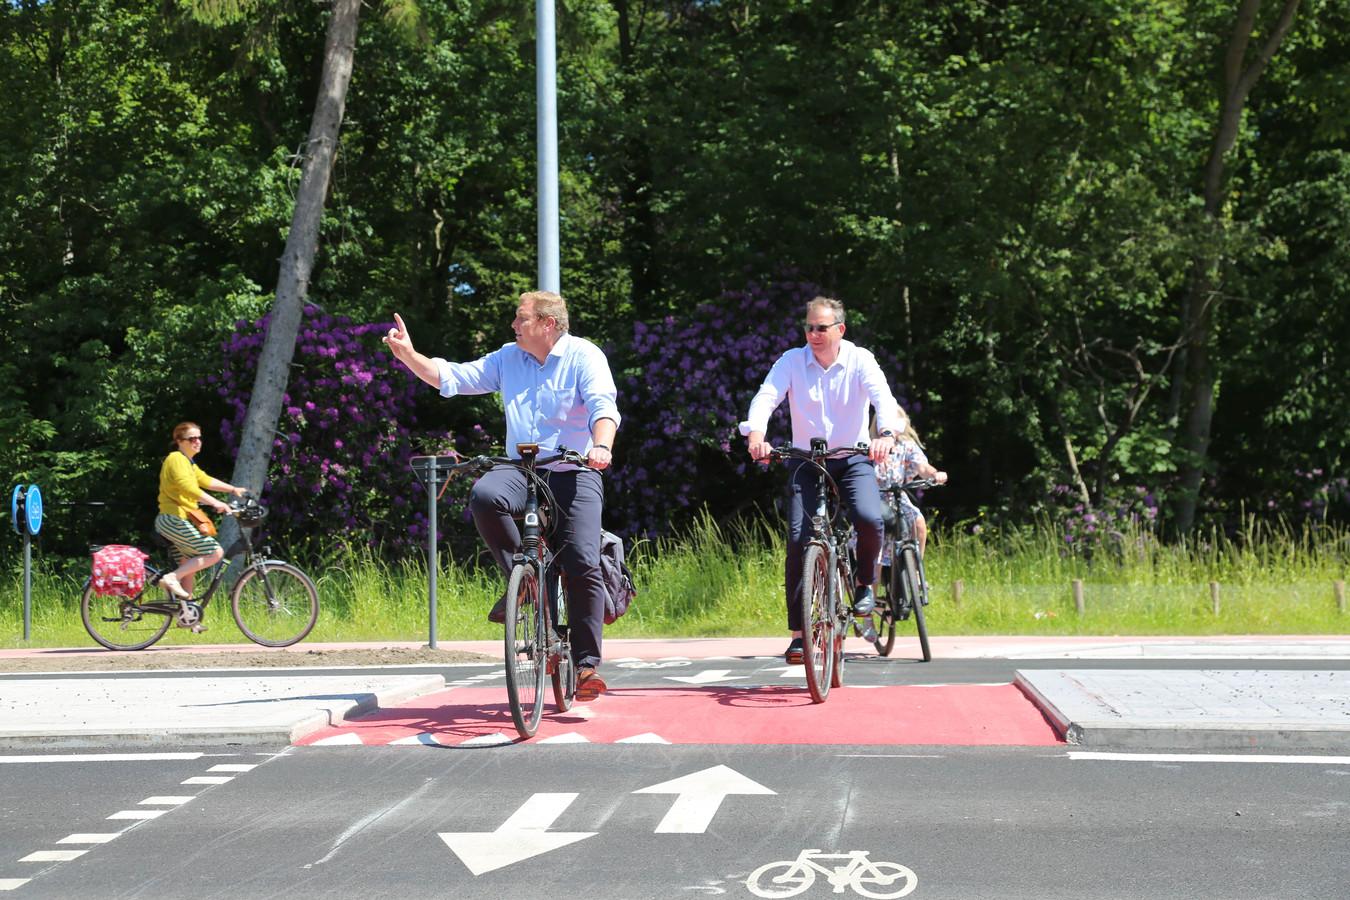 Burgemeester Maarten De Veuster (N-VA) fietst de vernieuwde Botermelk baan in, samen met een aantal schepenen.